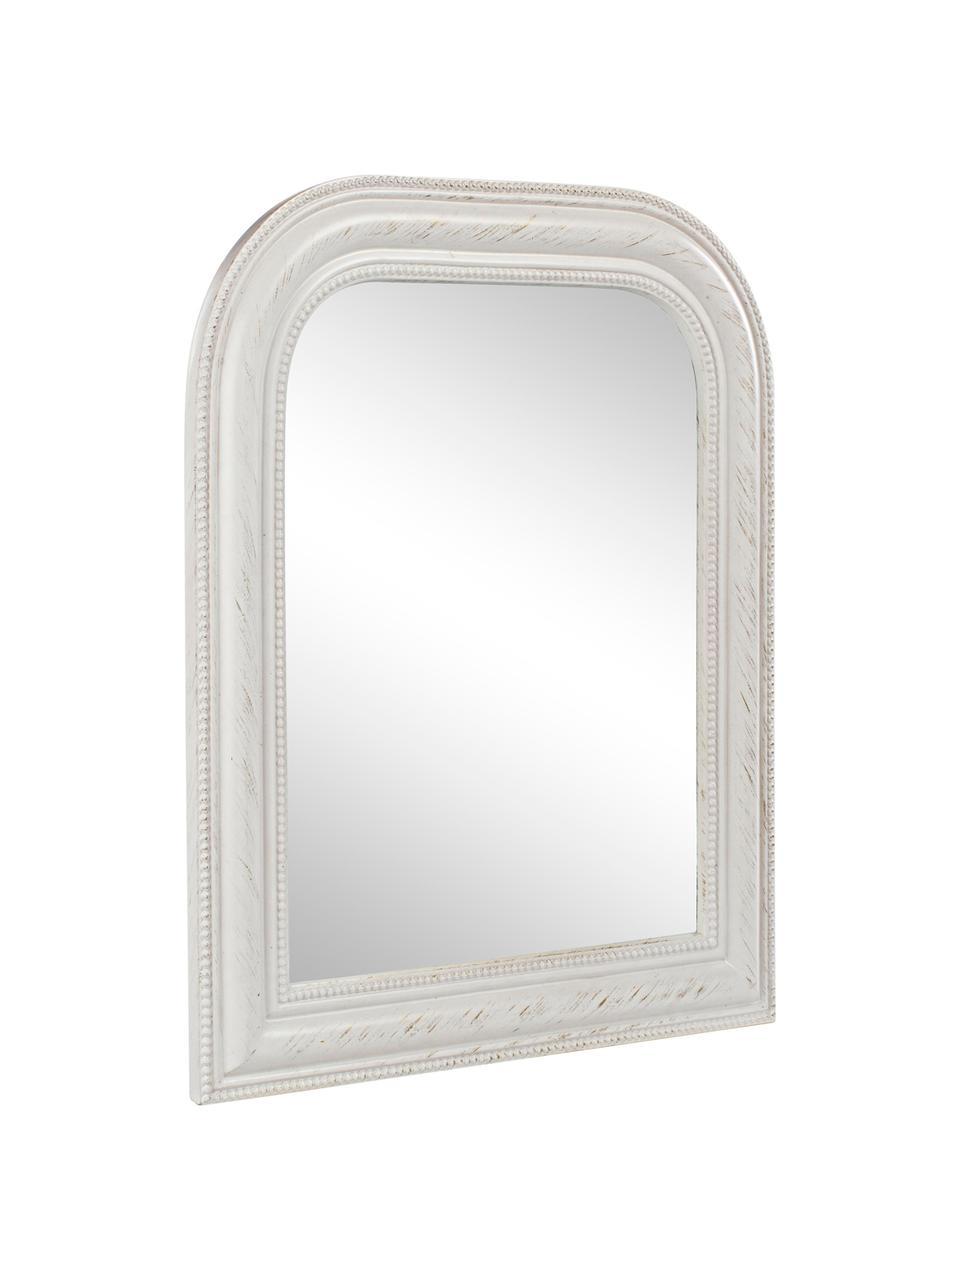 Wandspiegel Miro mit weißem Holzrahmen, Rahmen: Holz, beschichtet, Spiegelfläche: Spiegelglas, Weiß, 50 x 60 cm